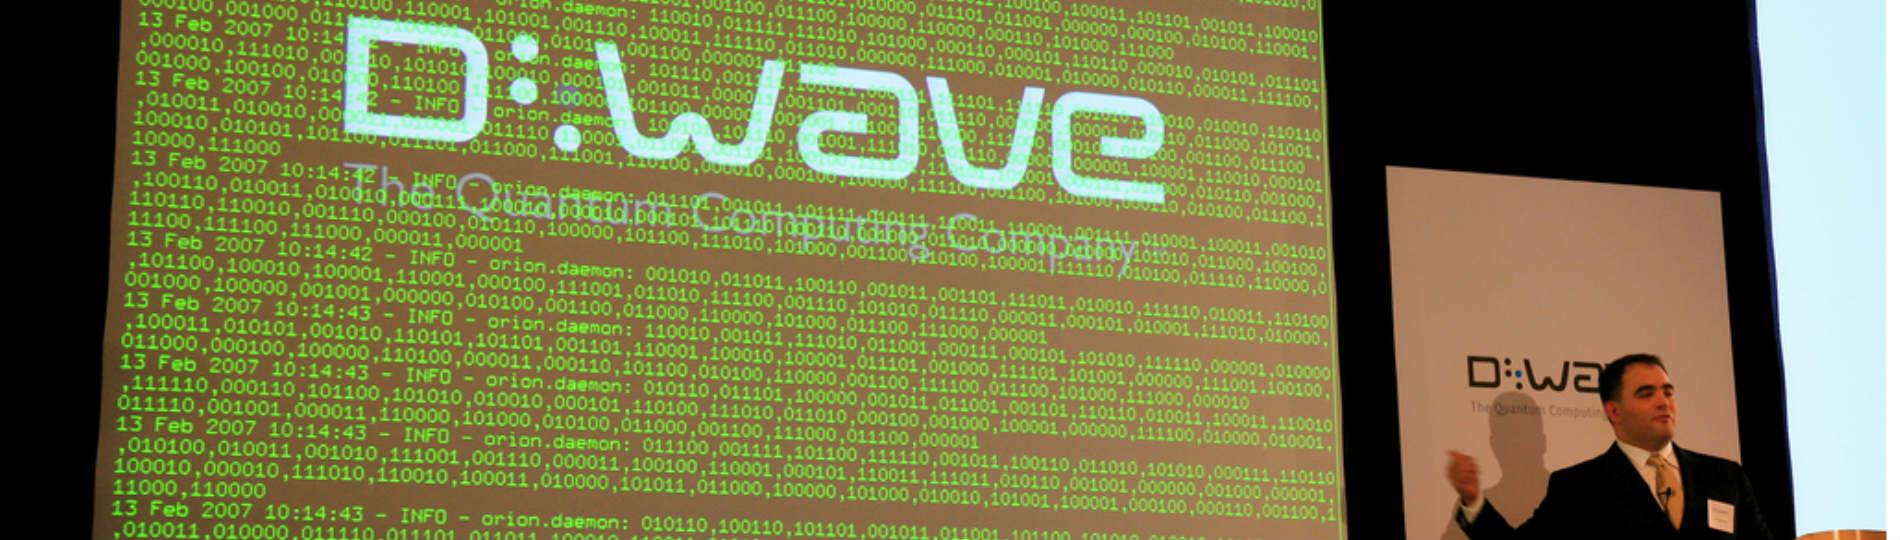 Quantum computing future D-Wave